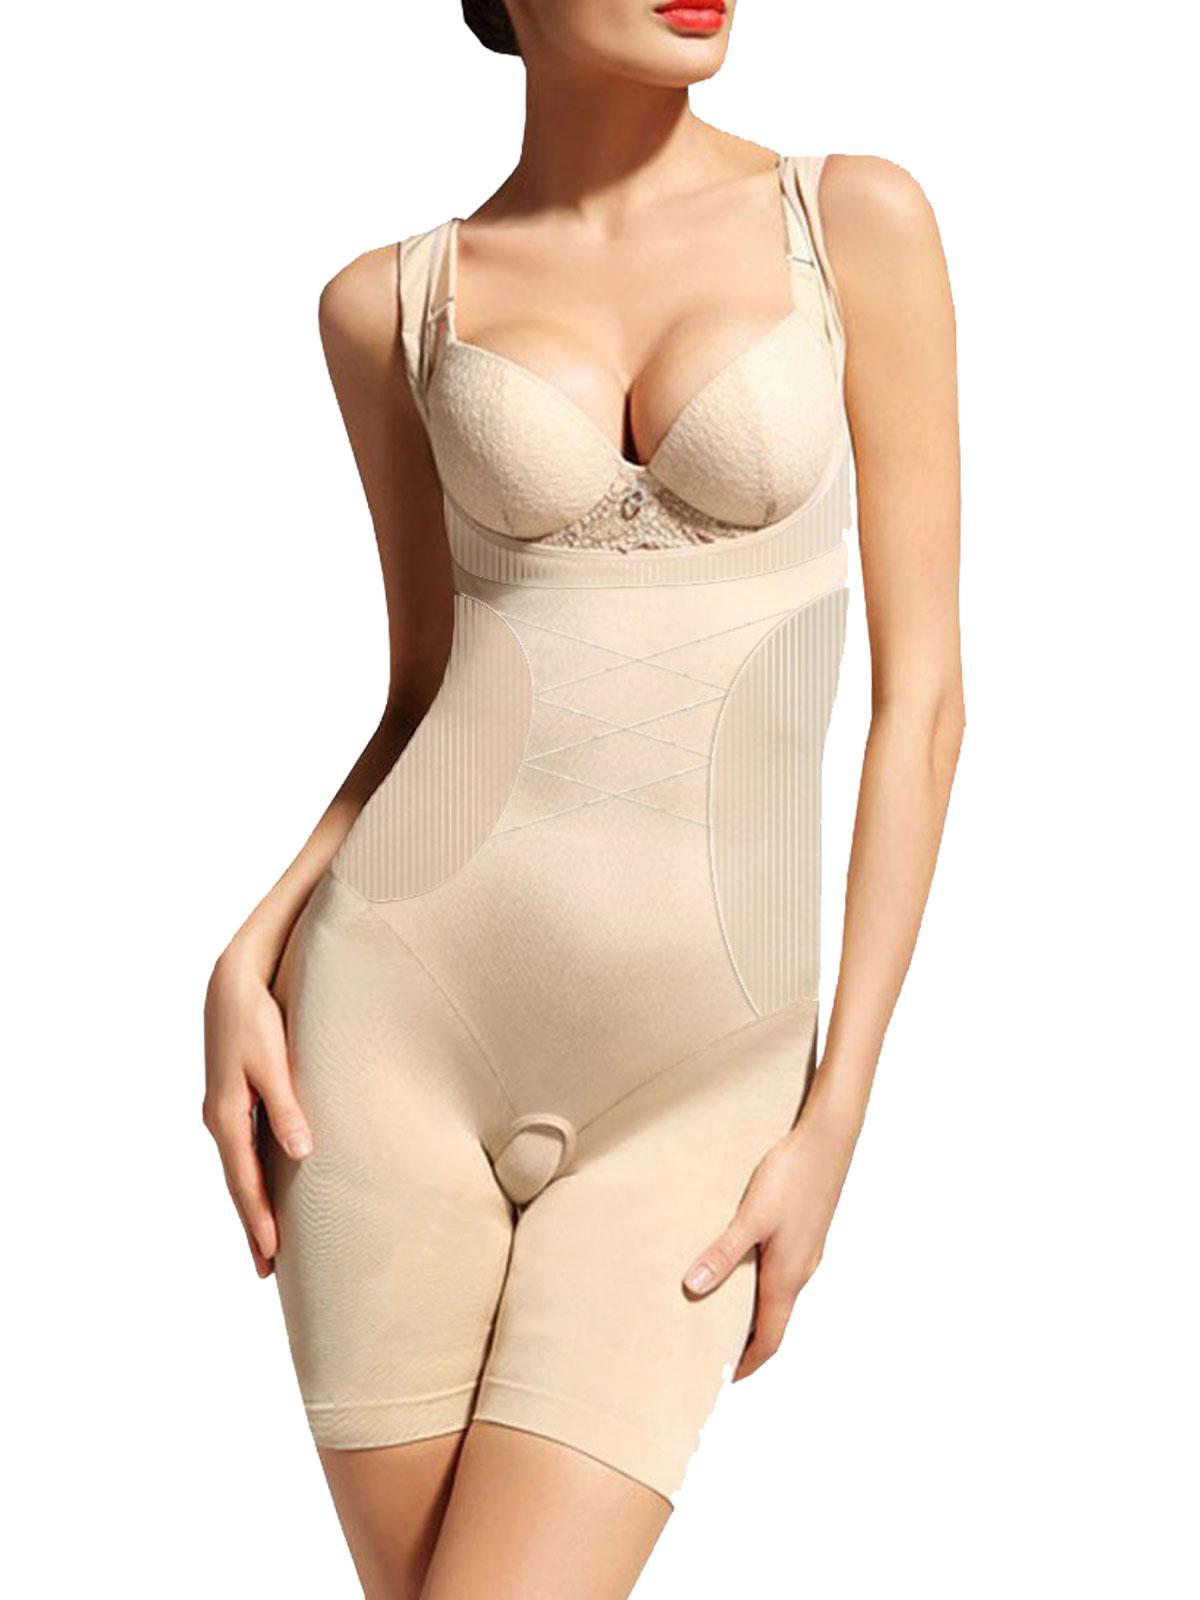 5571b76f0f1e8 Women s Full Body Shaper buy online shopping Store - Bodyfocus.pk